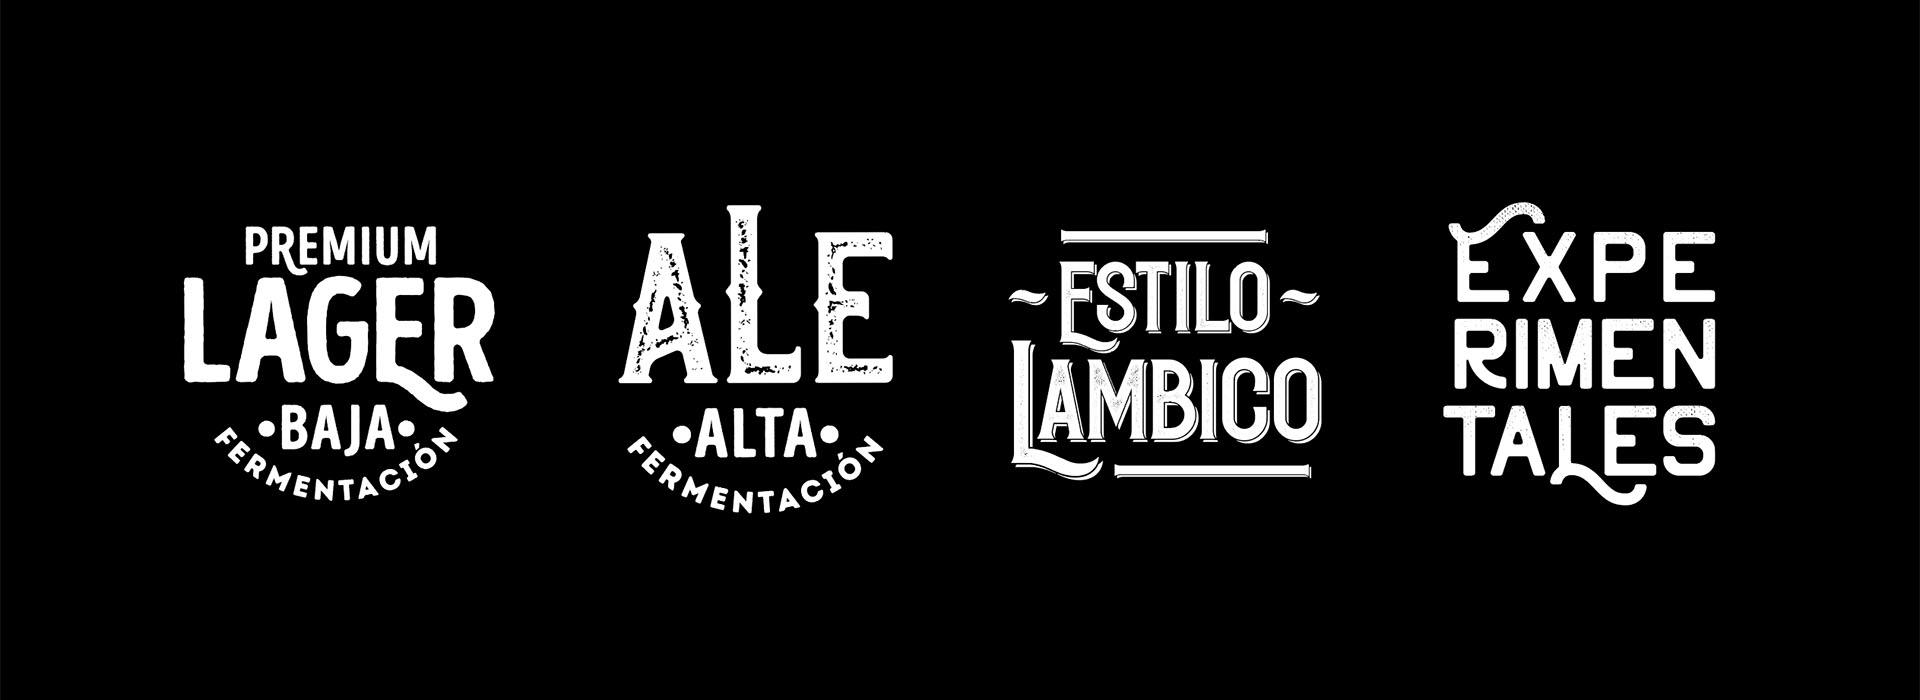 Beer Factory. Logos Identificadores.